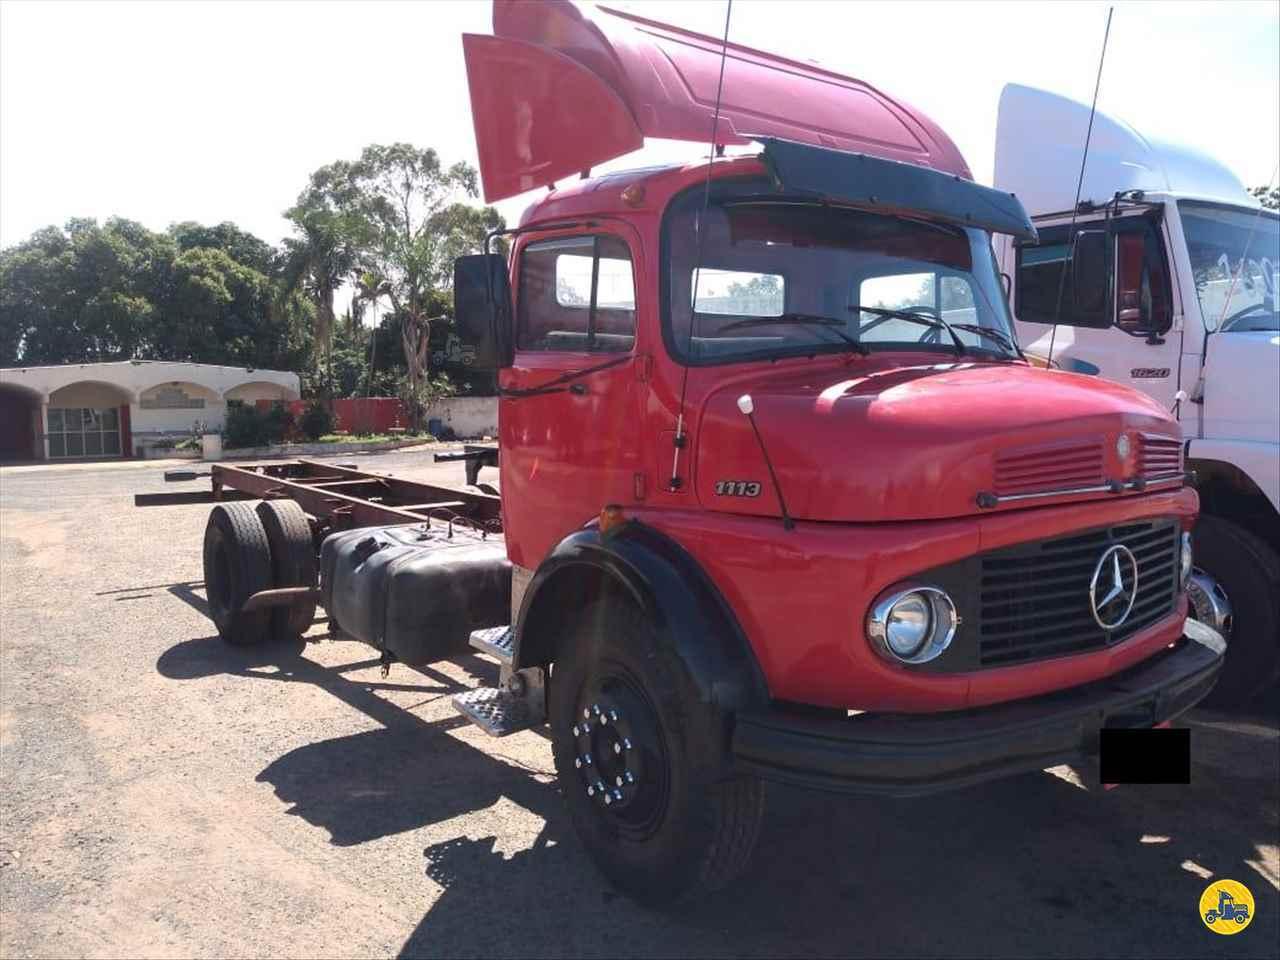 CAMINHAO MERCEDES-BENZ MB 1113 Baú Furgão Toco 4x2 Barbosa Caminhões LINS SÃO PAULO SP